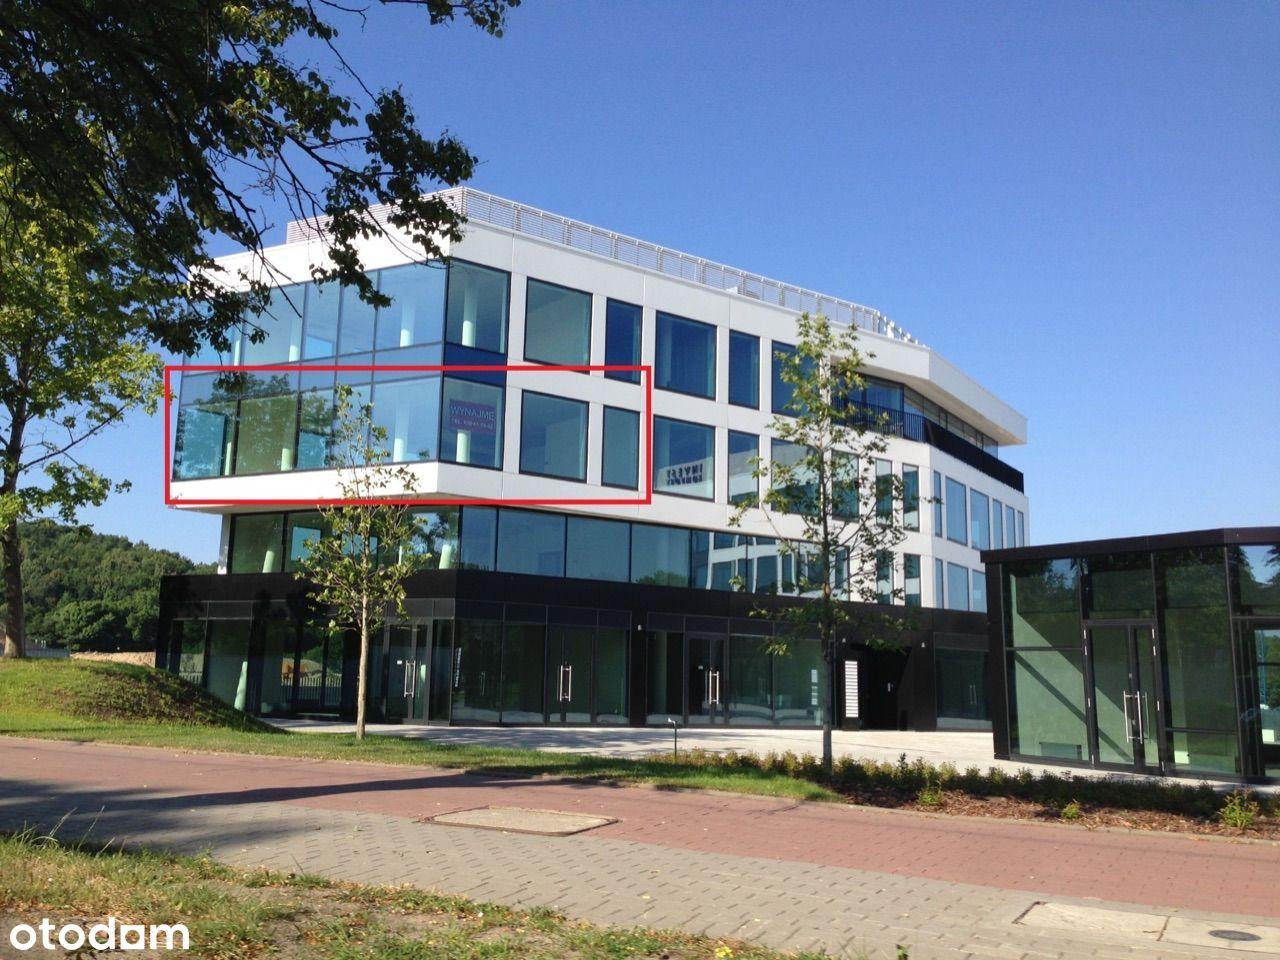 Lokal Użytkowy Nowe Orłowo Gdynia 2 piętro 115m2